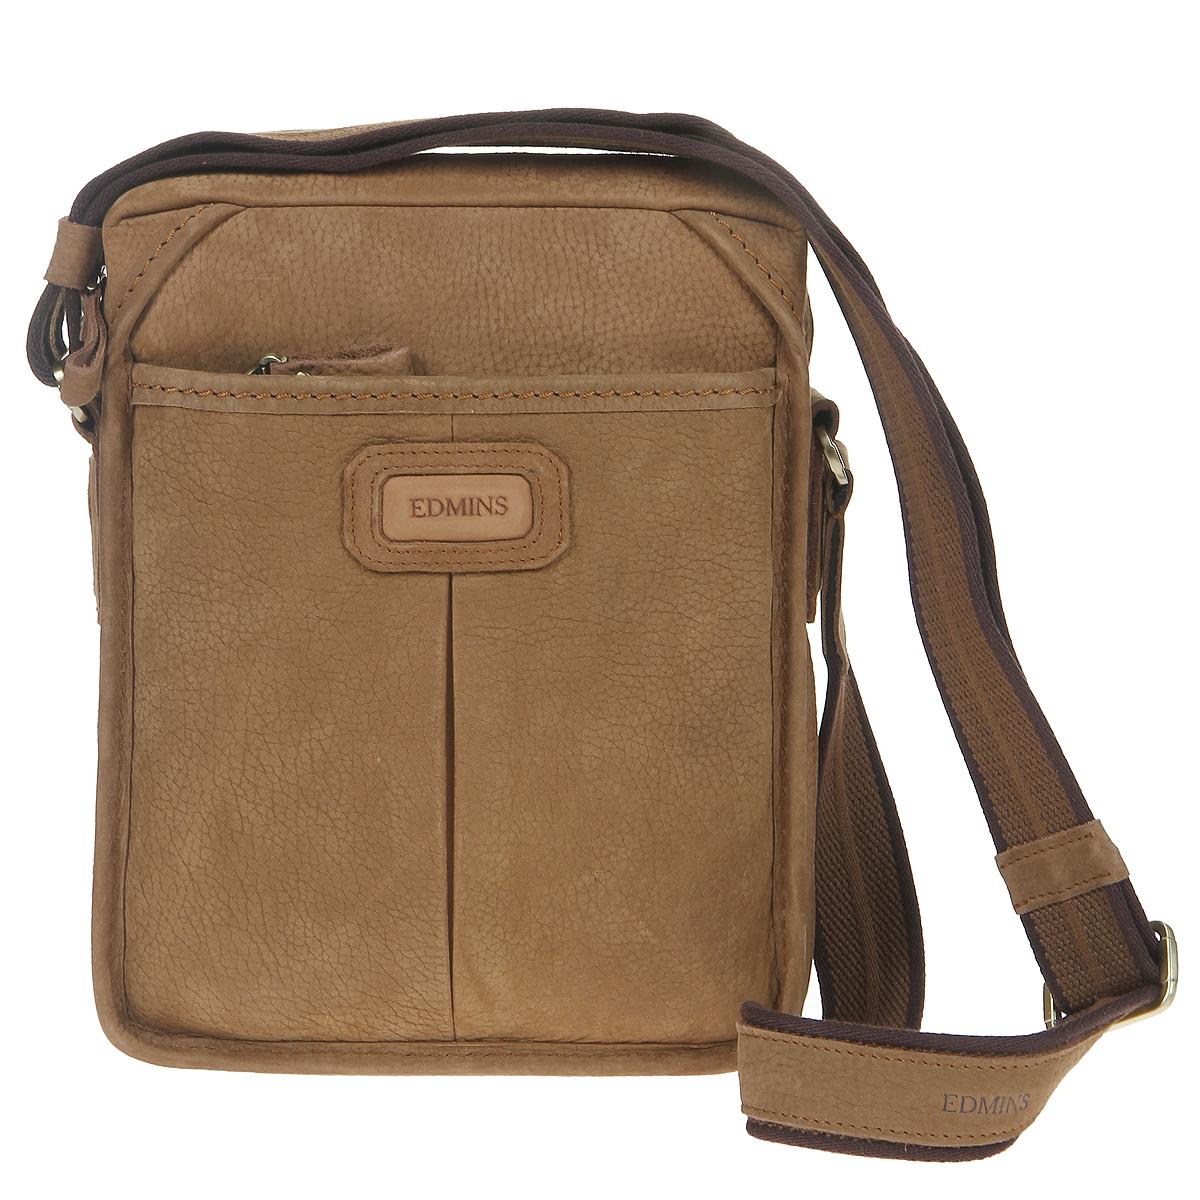 Сумка мужская Edmins, цвет: коричневый. 1045 V-4 SU d.brown1045 V-4 SU d.brownСтильная мужская сумка Edmins изготовлена из итальянской высококачественной натуральной кожи коричневого цвета, что гарантирует безупречный внешний вид и долговечность изделия. Кожа имеет матовую текстуру с естественной лицевой поверхностью. Сумка имеет одно основное отделение, которое закрывается на застежку-молнию. Внутри - два накладных кармашка, два фиксатора для ручки, вшитый карман на молнии и большой открытый карман. С передней стороны расположен дополнительный объемный карман на молнии, с задней стороны - карман на магнитной кнопке. Сумка оснащена плечевым ремнем регулируемой длины. Фурнитура - золотистого цвета. С такой сумкой из деловой линии Edmins вы всегда будете чувствовать себя модно, уверенно и элегантно. Характеристики: Материал: натуральная кожа, текстиль, металл. Цвет: коричневый. Размер сумки (ДхШхВ): 21 см х 8,5 см х 26 см. Длина плечевого ремня: 120 см. Размер упаковки: 33 см х 32 см х 12 см. Артикул: 1045 V-4 SU...